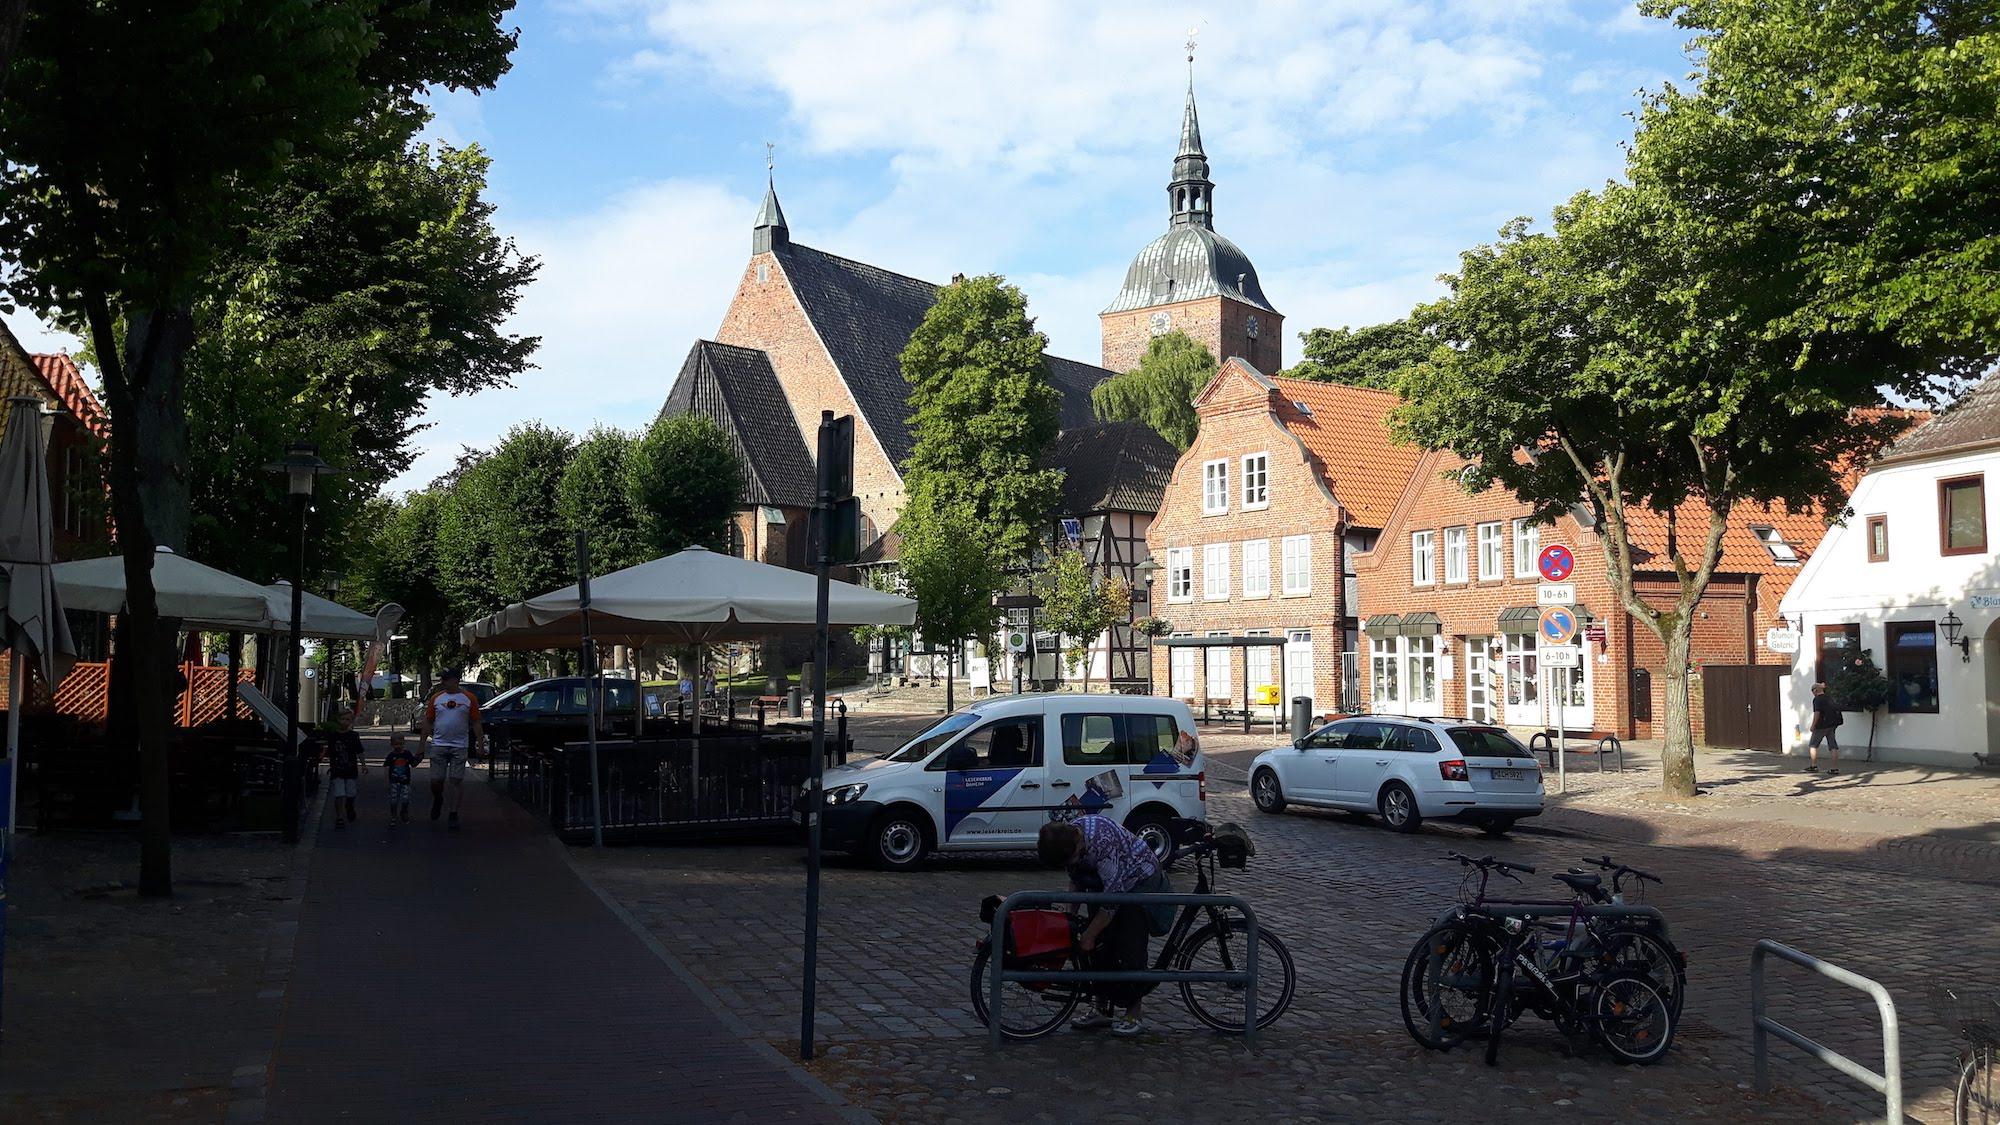 Burg auf Fehmarn Germany